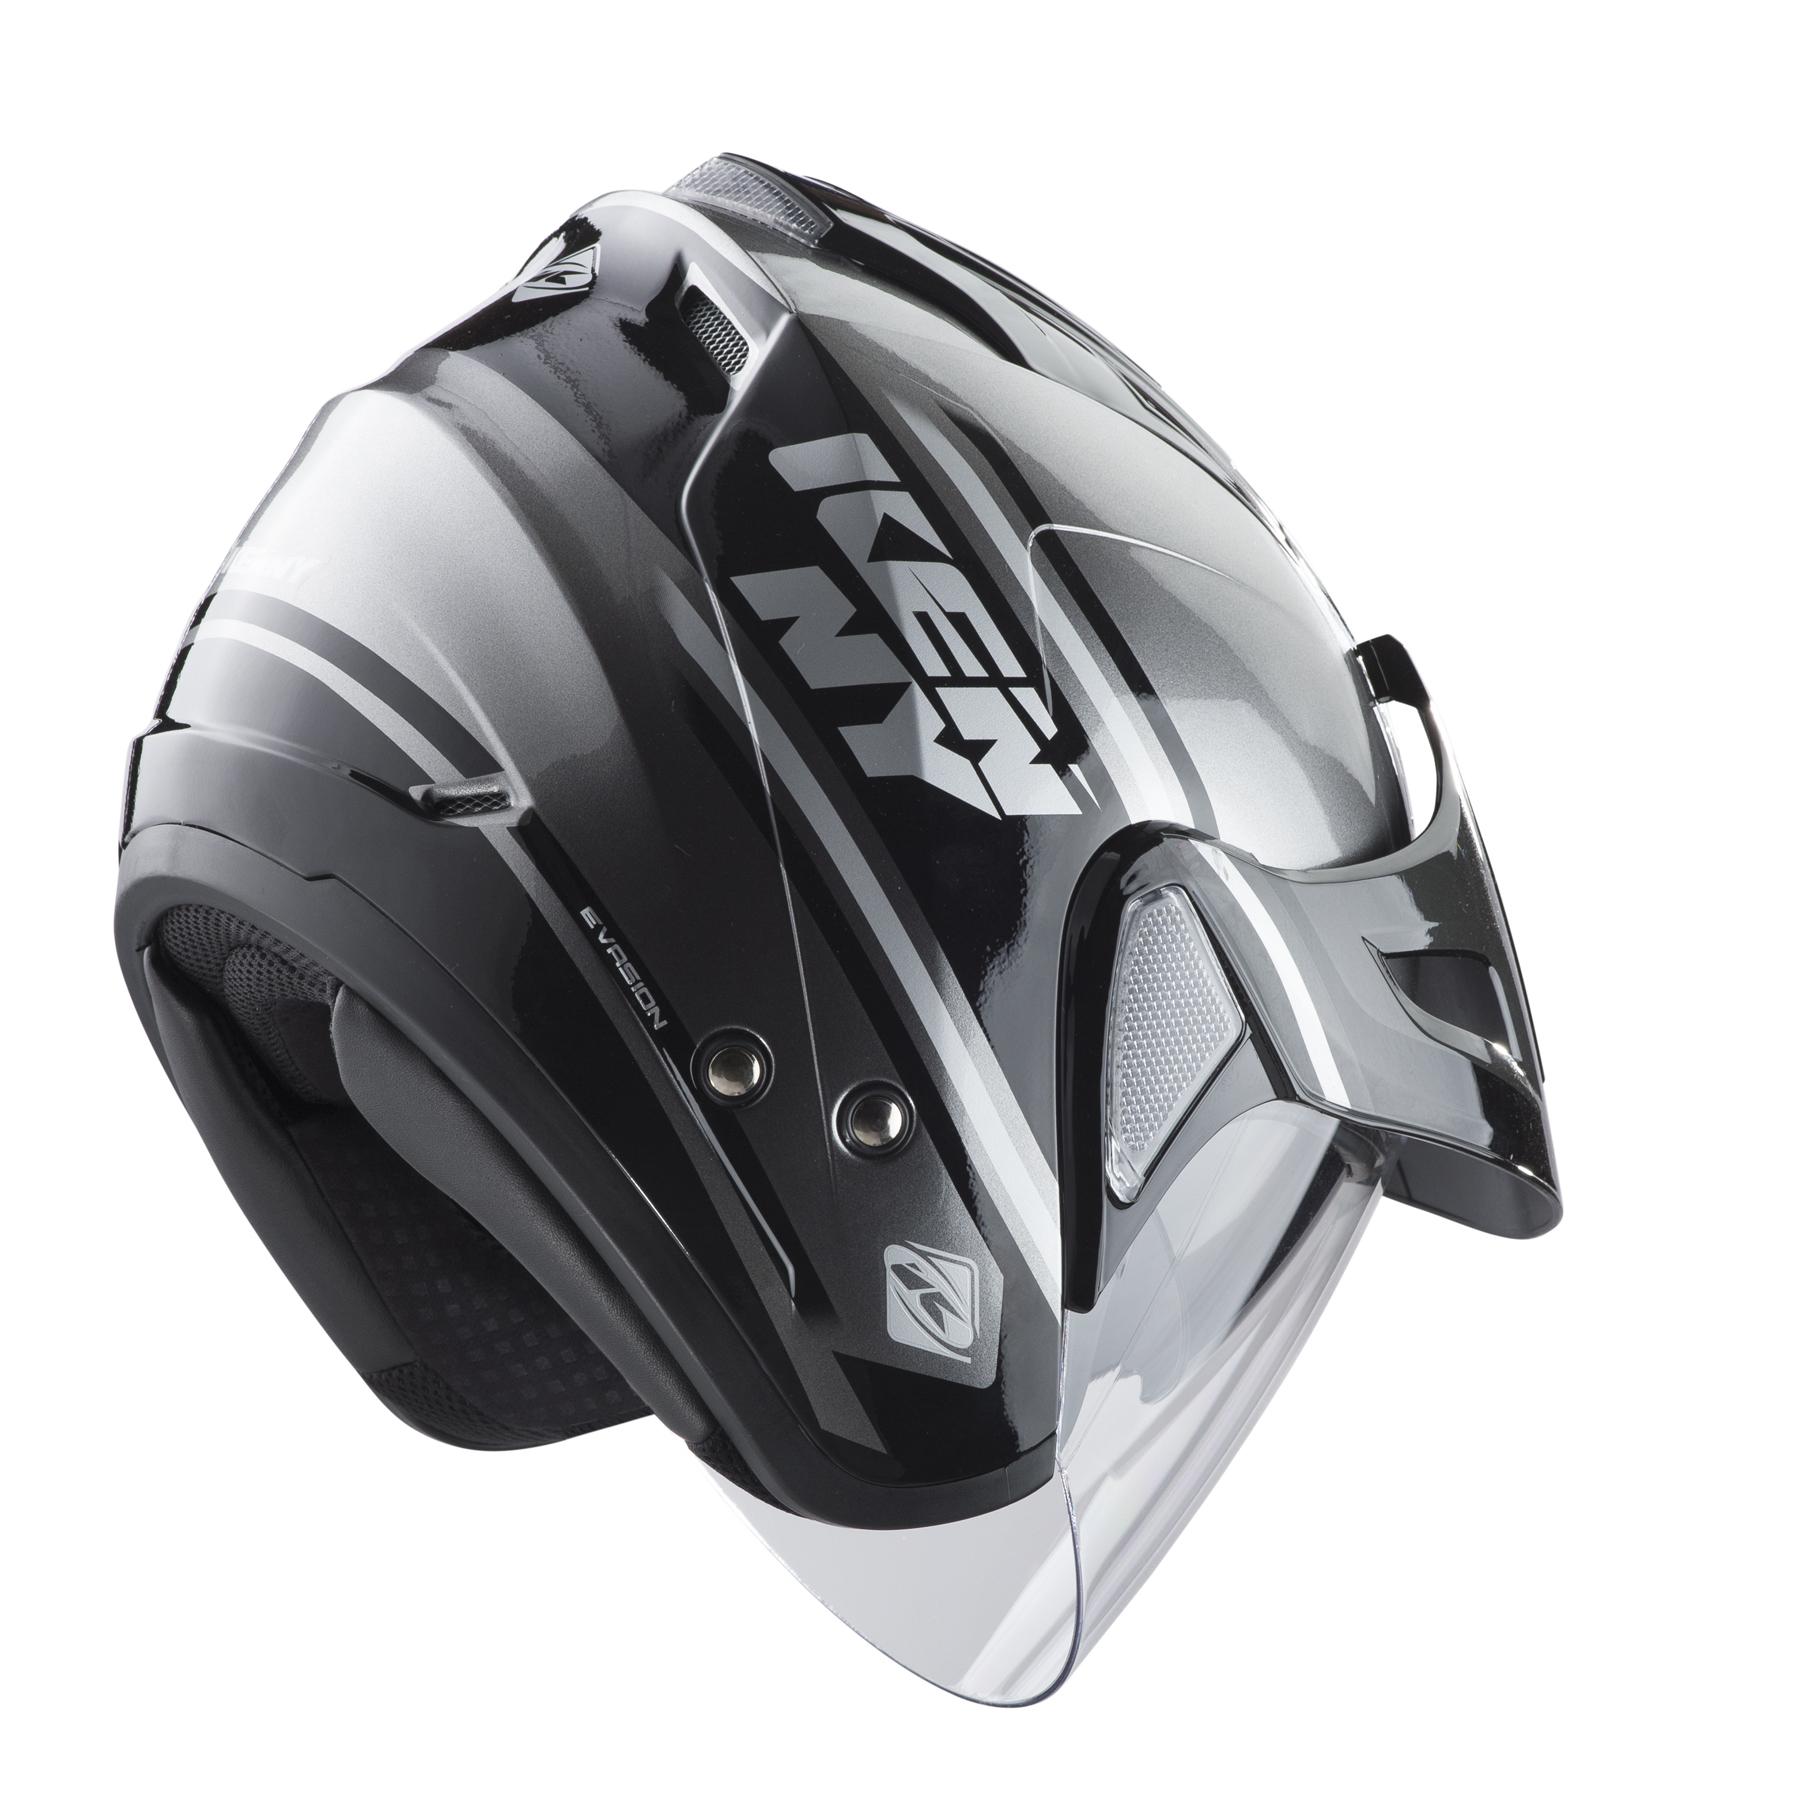 helmet evasion black grey kenny racing. Black Bedroom Furniture Sets. Home Design Ideas